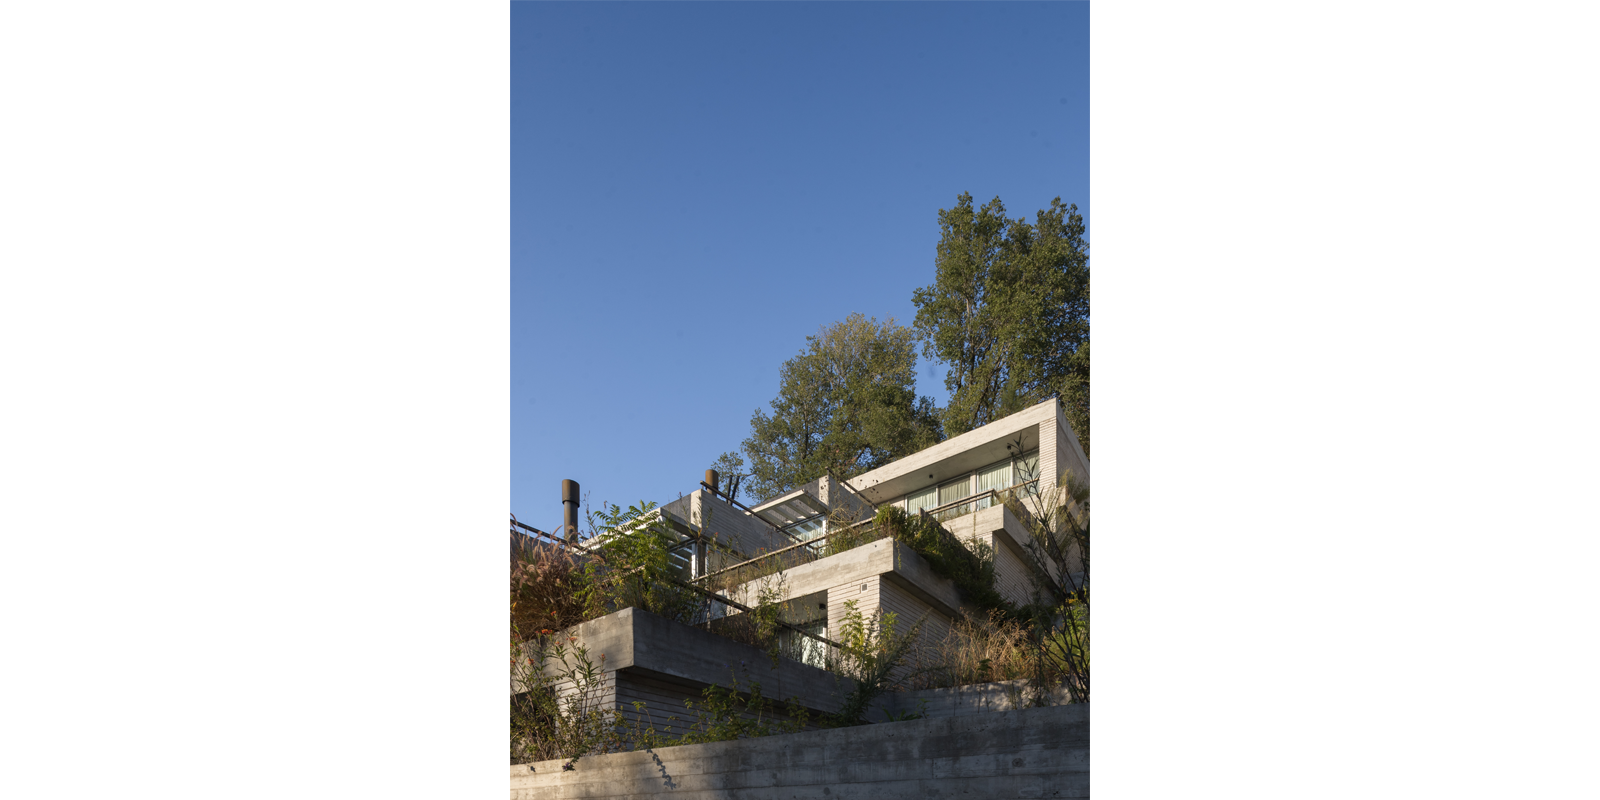 ProyectoC_Arquitectos_Portfolio_06_Anima